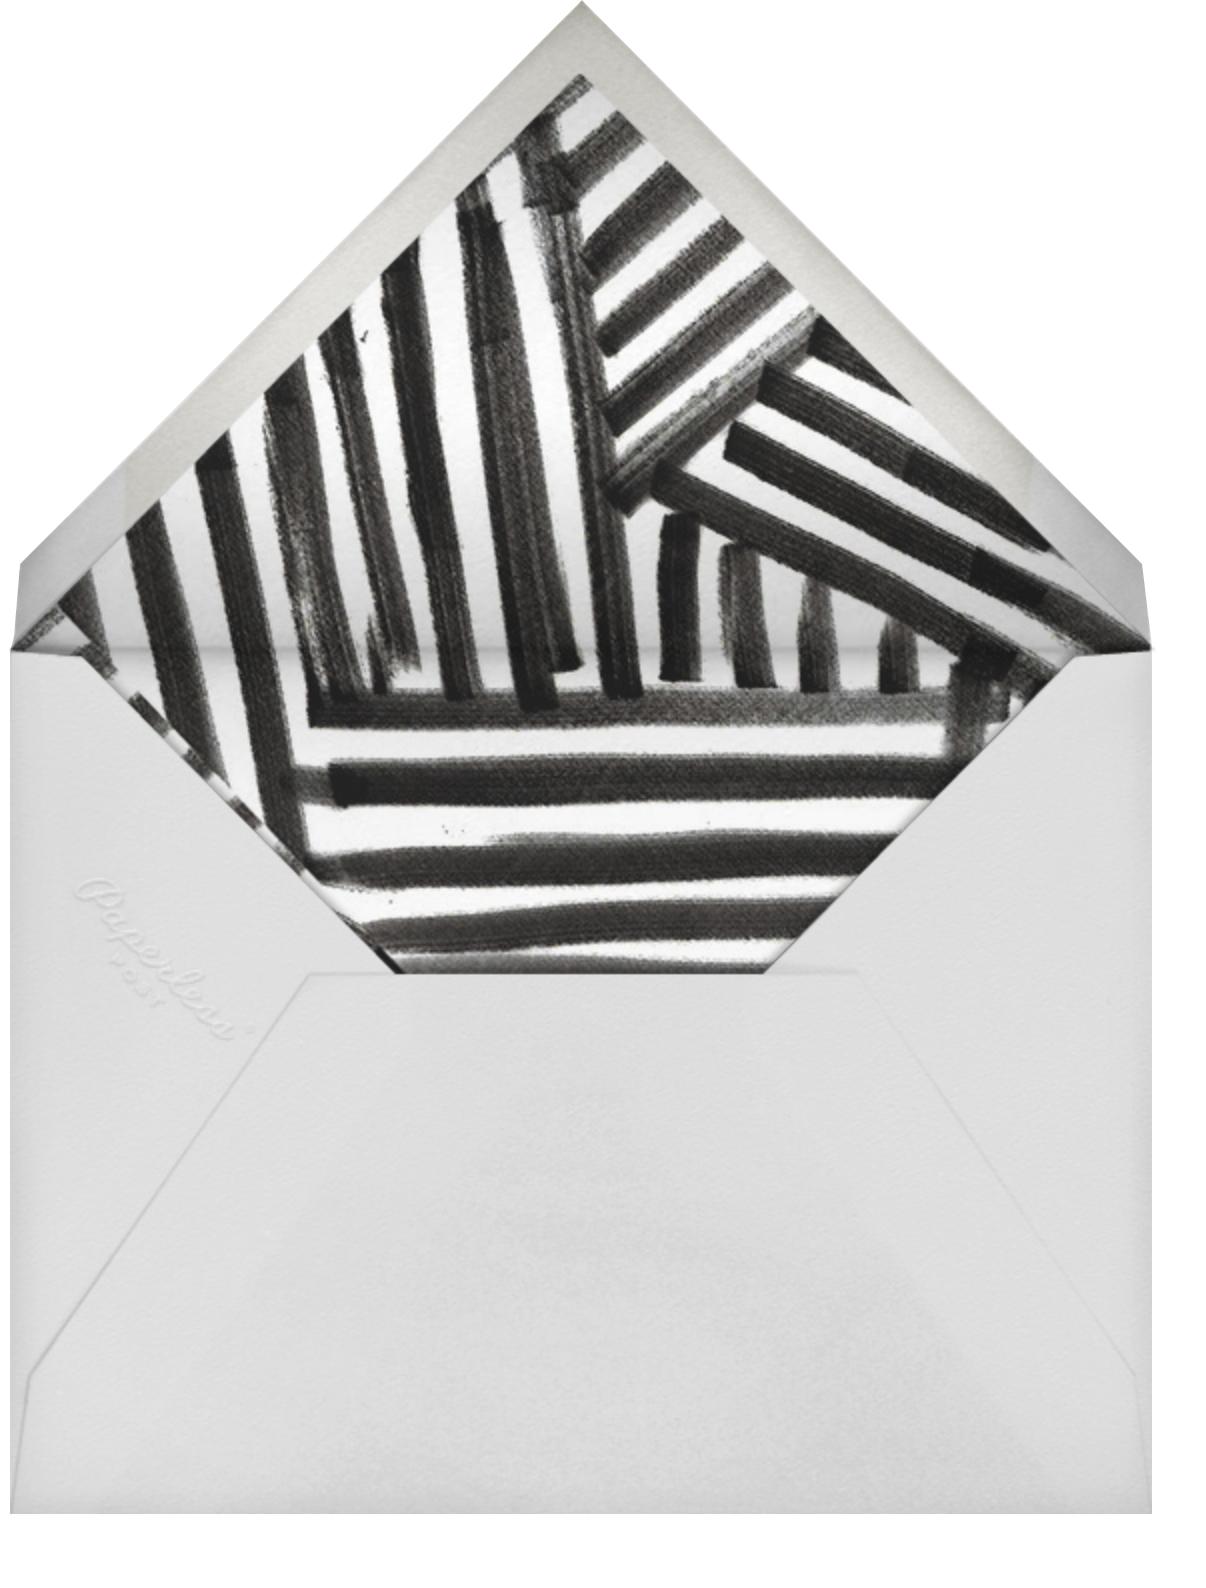 Sonnet - Rose/Gold - Kelly Wearstler - Bridal shower - envelope back